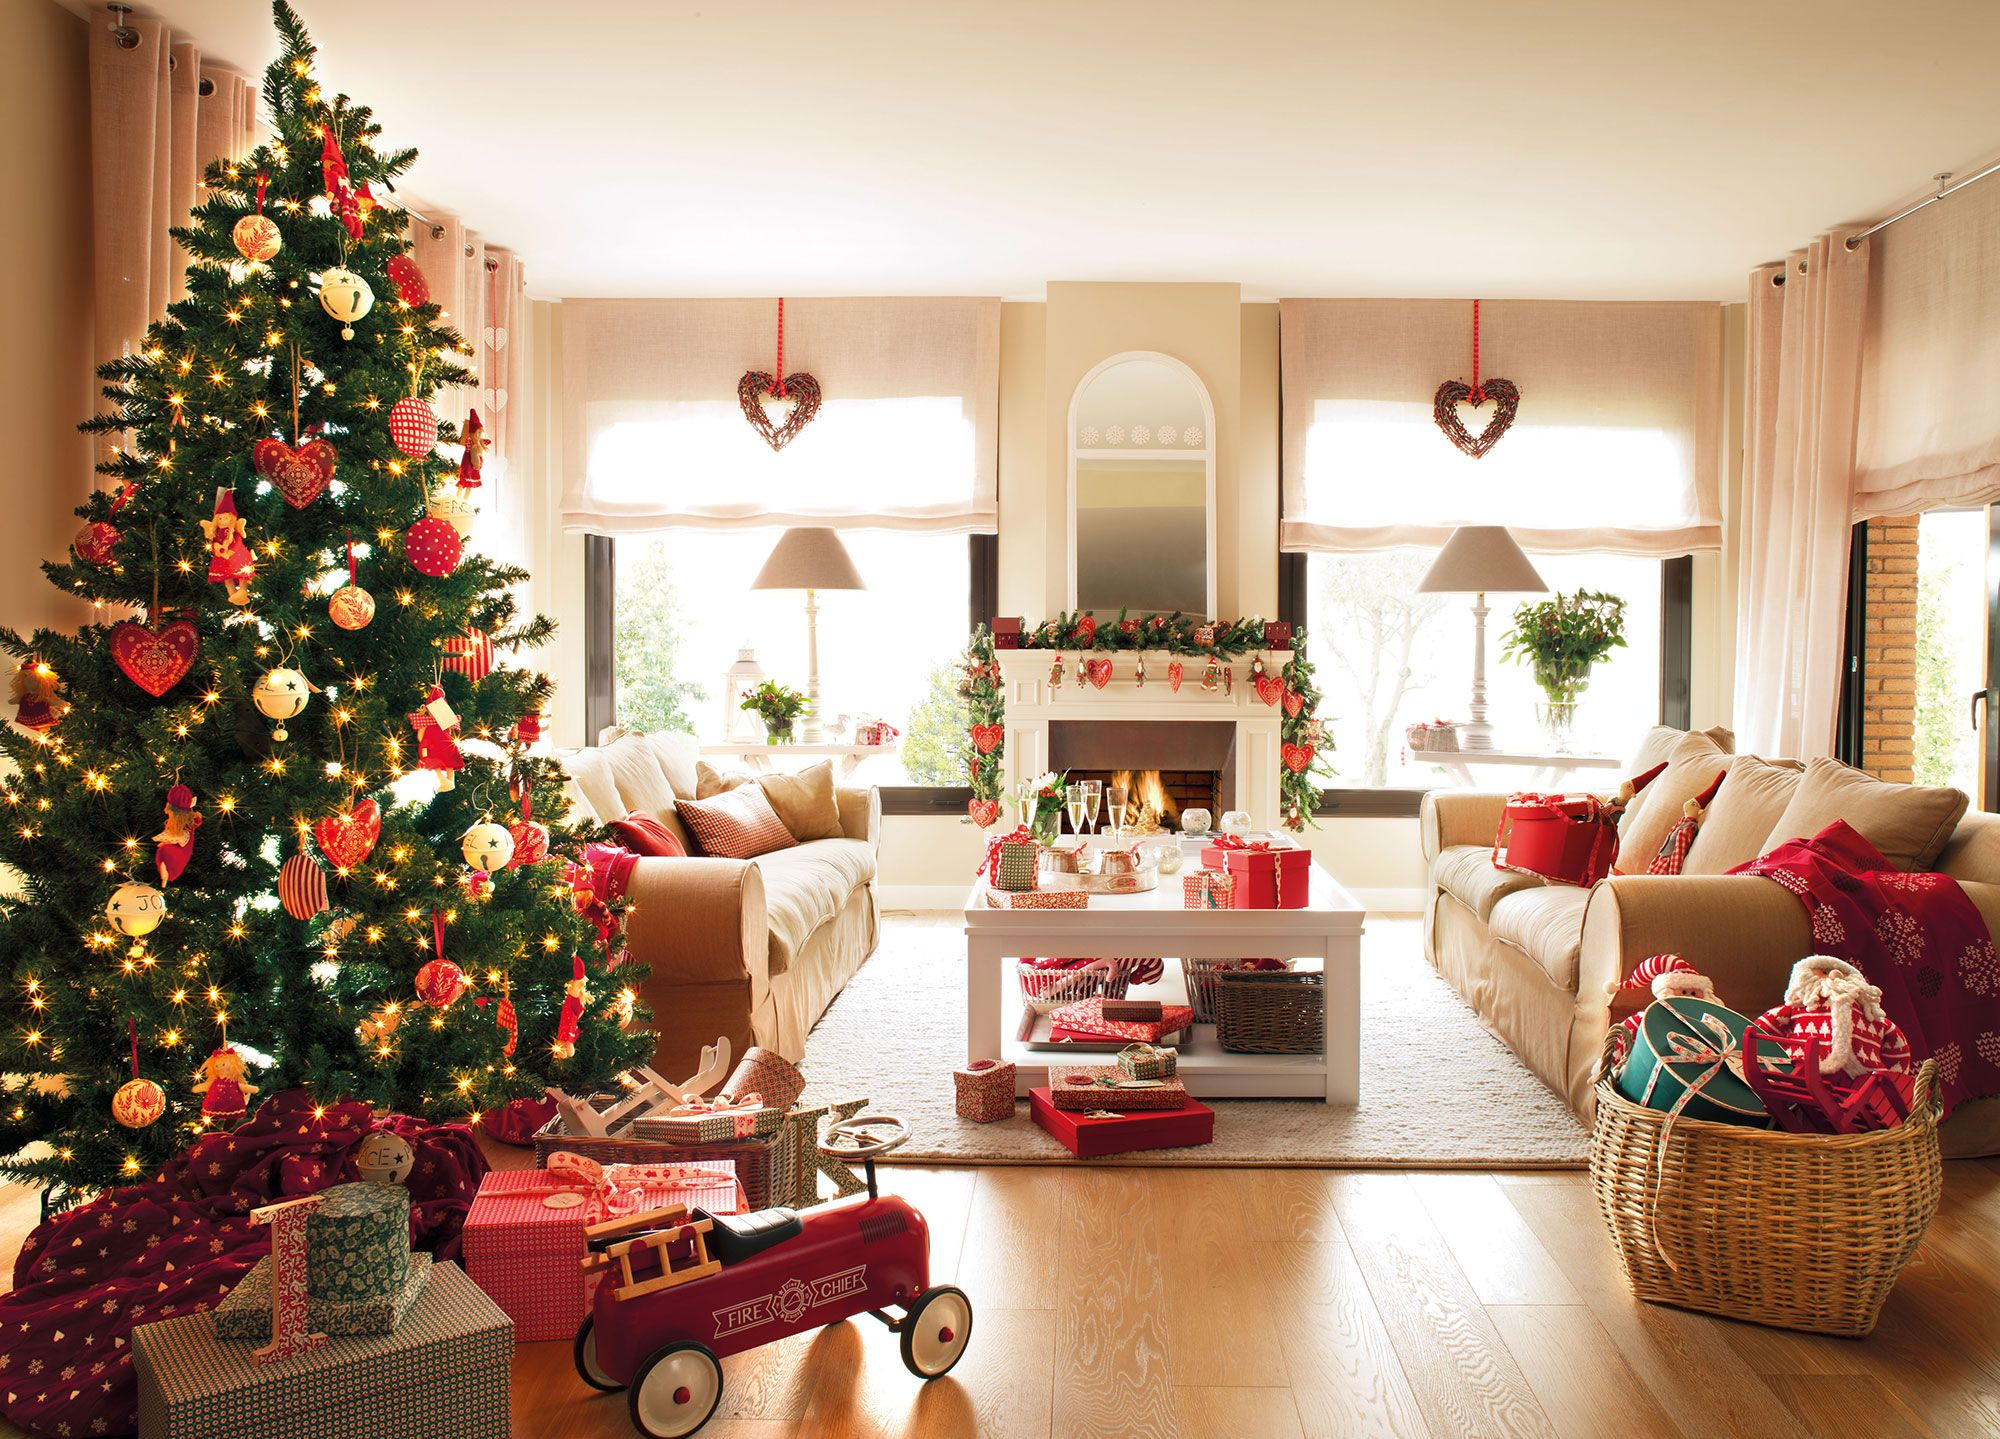 Salón decorado de Navidad en rojo | El arbol de navidad, El arbol y ...